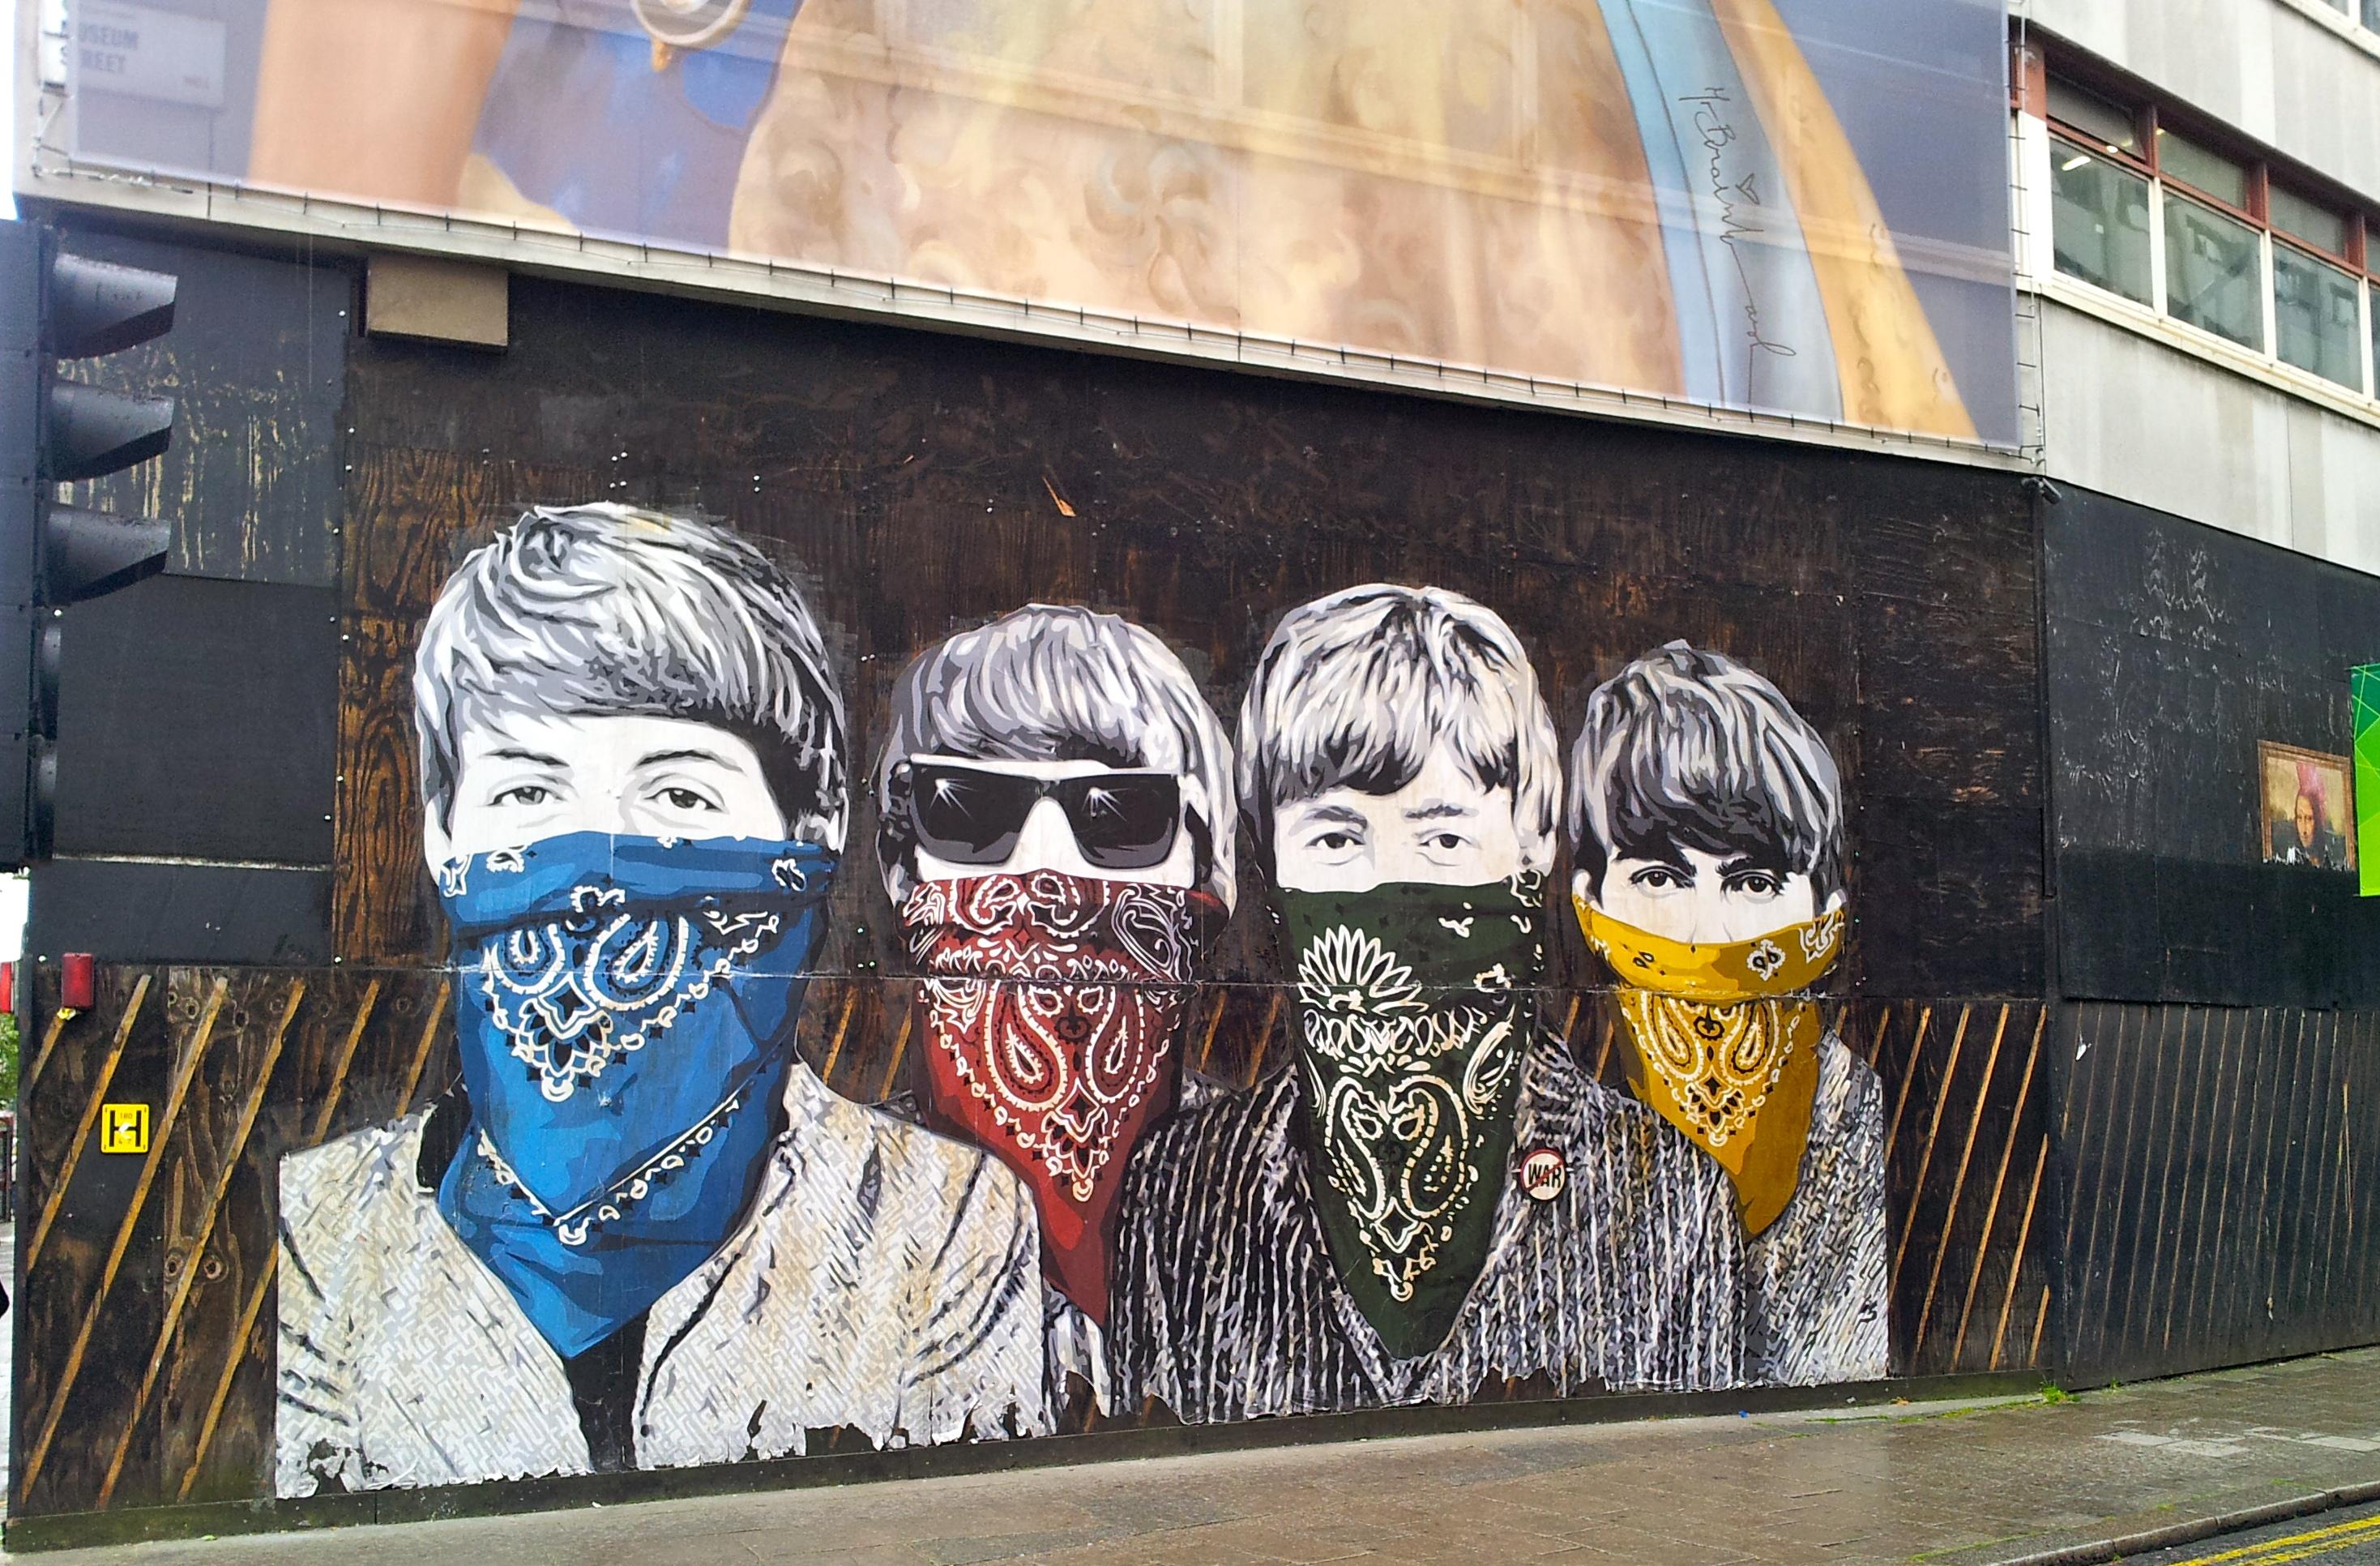 street art dissertations Dissertations gratuites et de recherche : street art 1 - 25 le street-art, les stickers, les pochoirs et les trompes l'œil le street-art, les stickers, les pochoirs et les trompes l'œil le street-art, pour commencer, est un mouvement parallèle au tag et graffiti.